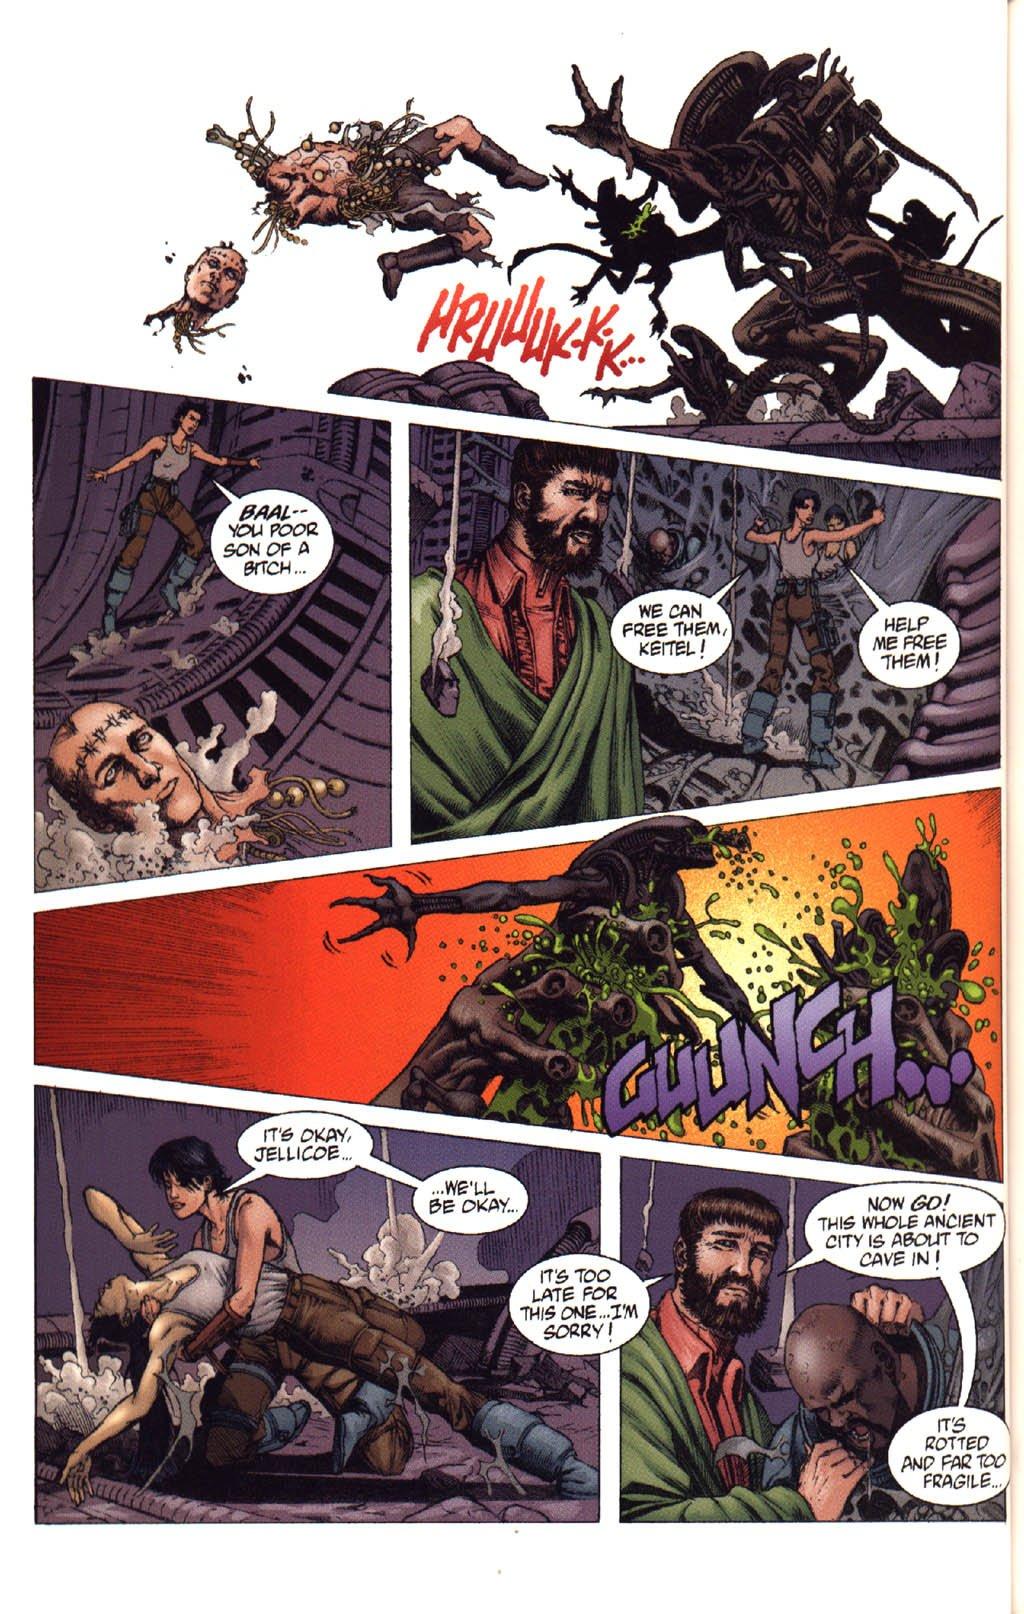 Жуткие комиксы про Чужих, откоторых кровь стынет вжилах. - Изображение 33